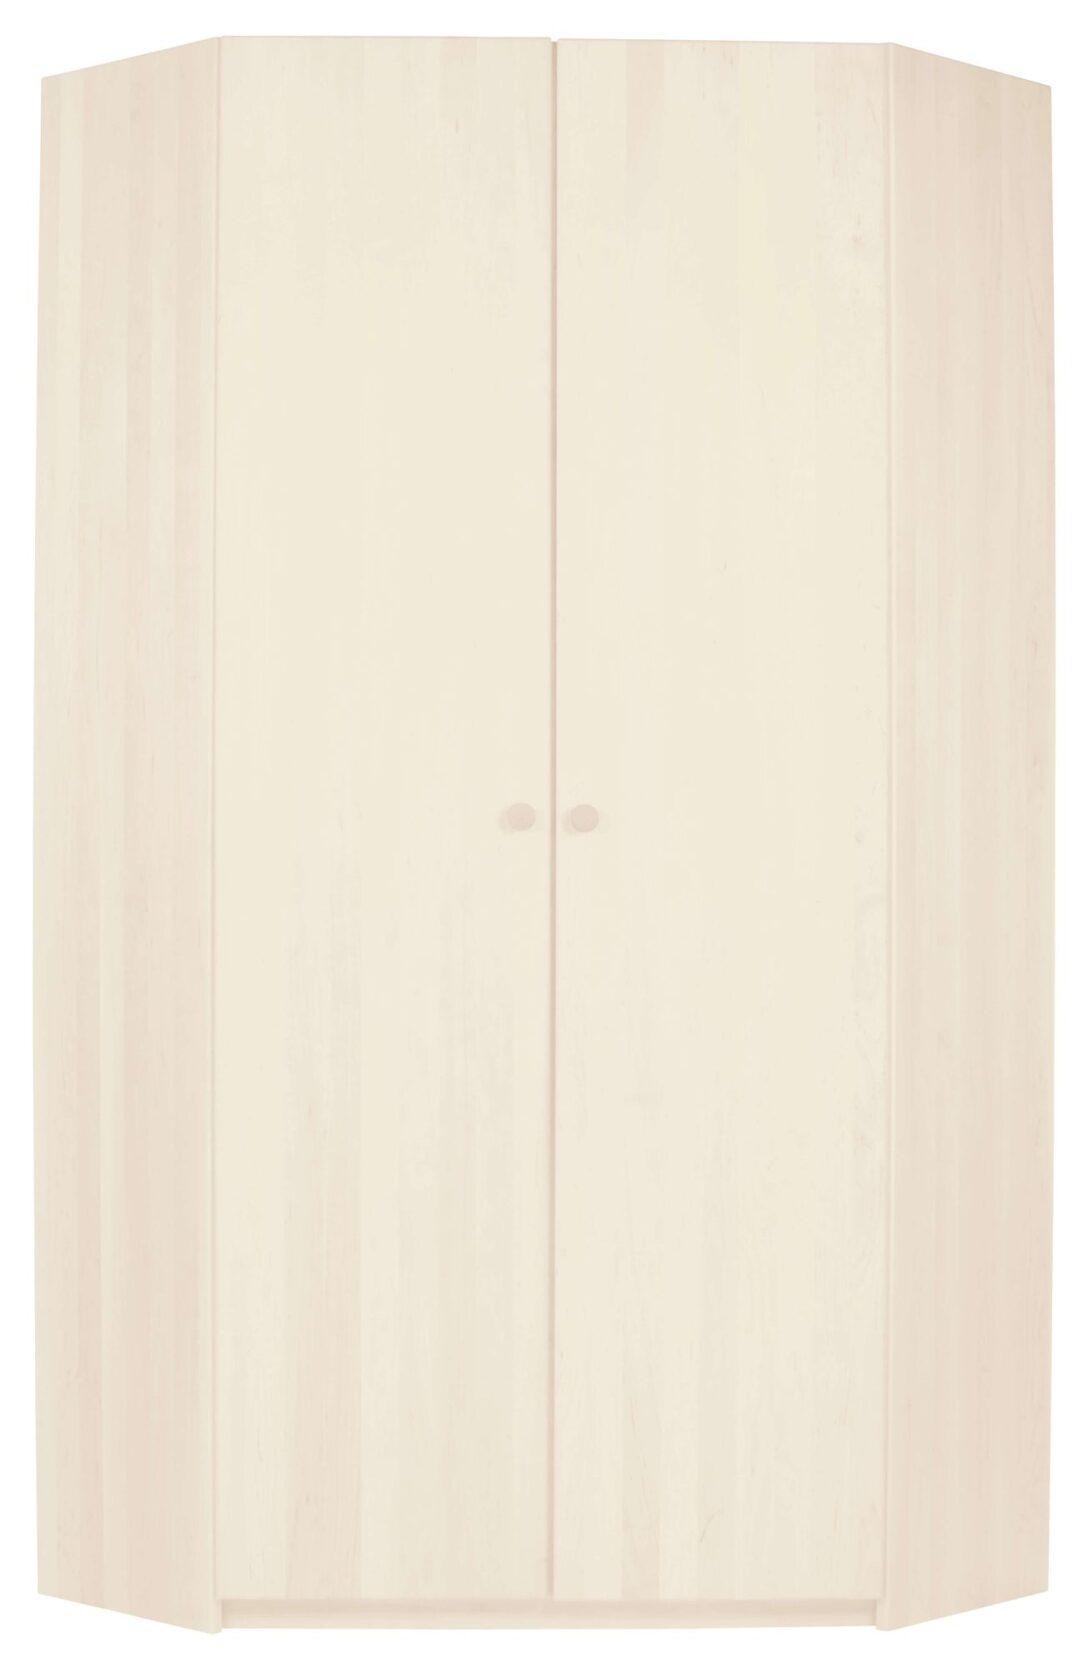 Large Size of Eckschrank Kinderzimmer Biolara Eckkleiderschrank Kiefer Wei Lasiert Küche Regal Weiß Regale Bad Sofa Schlafzimmer Kinderzimmer Eckschrank Kinderzimmer